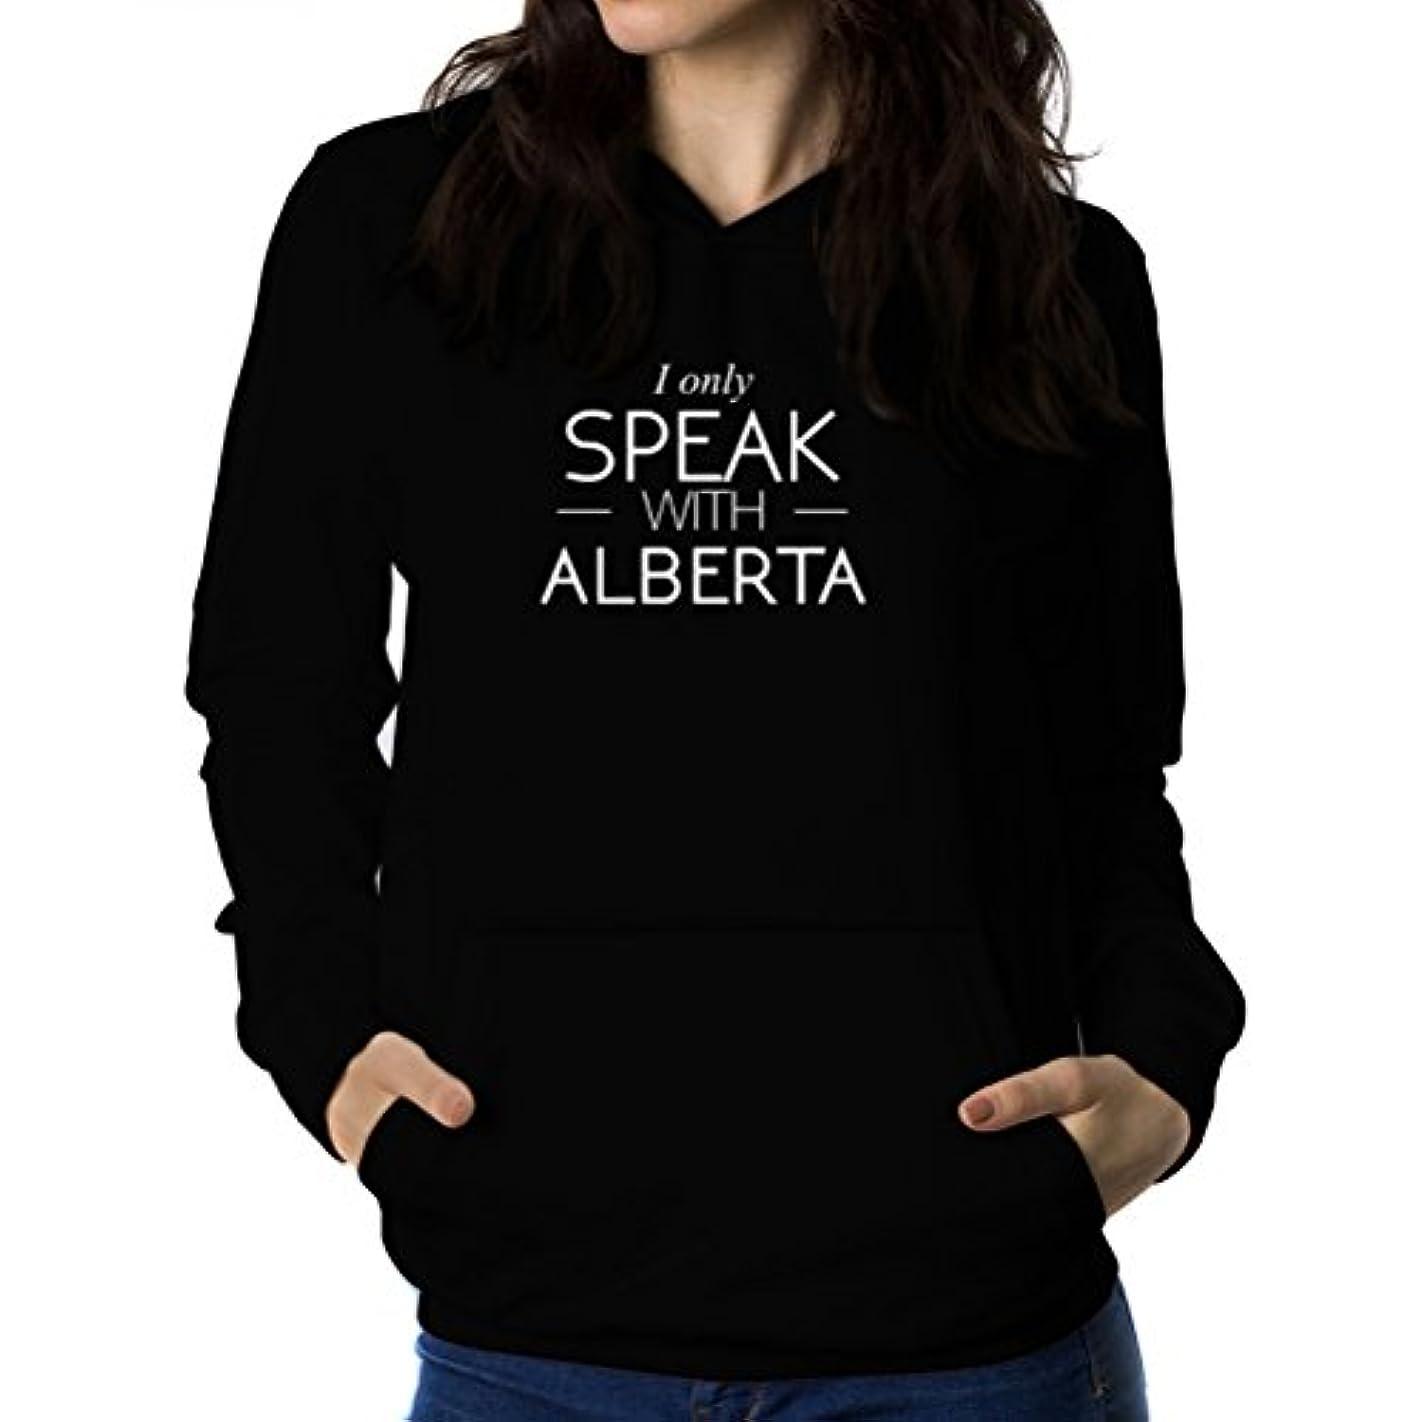 食物判読できない火山学I only speak with Alberta 女性 フーディー